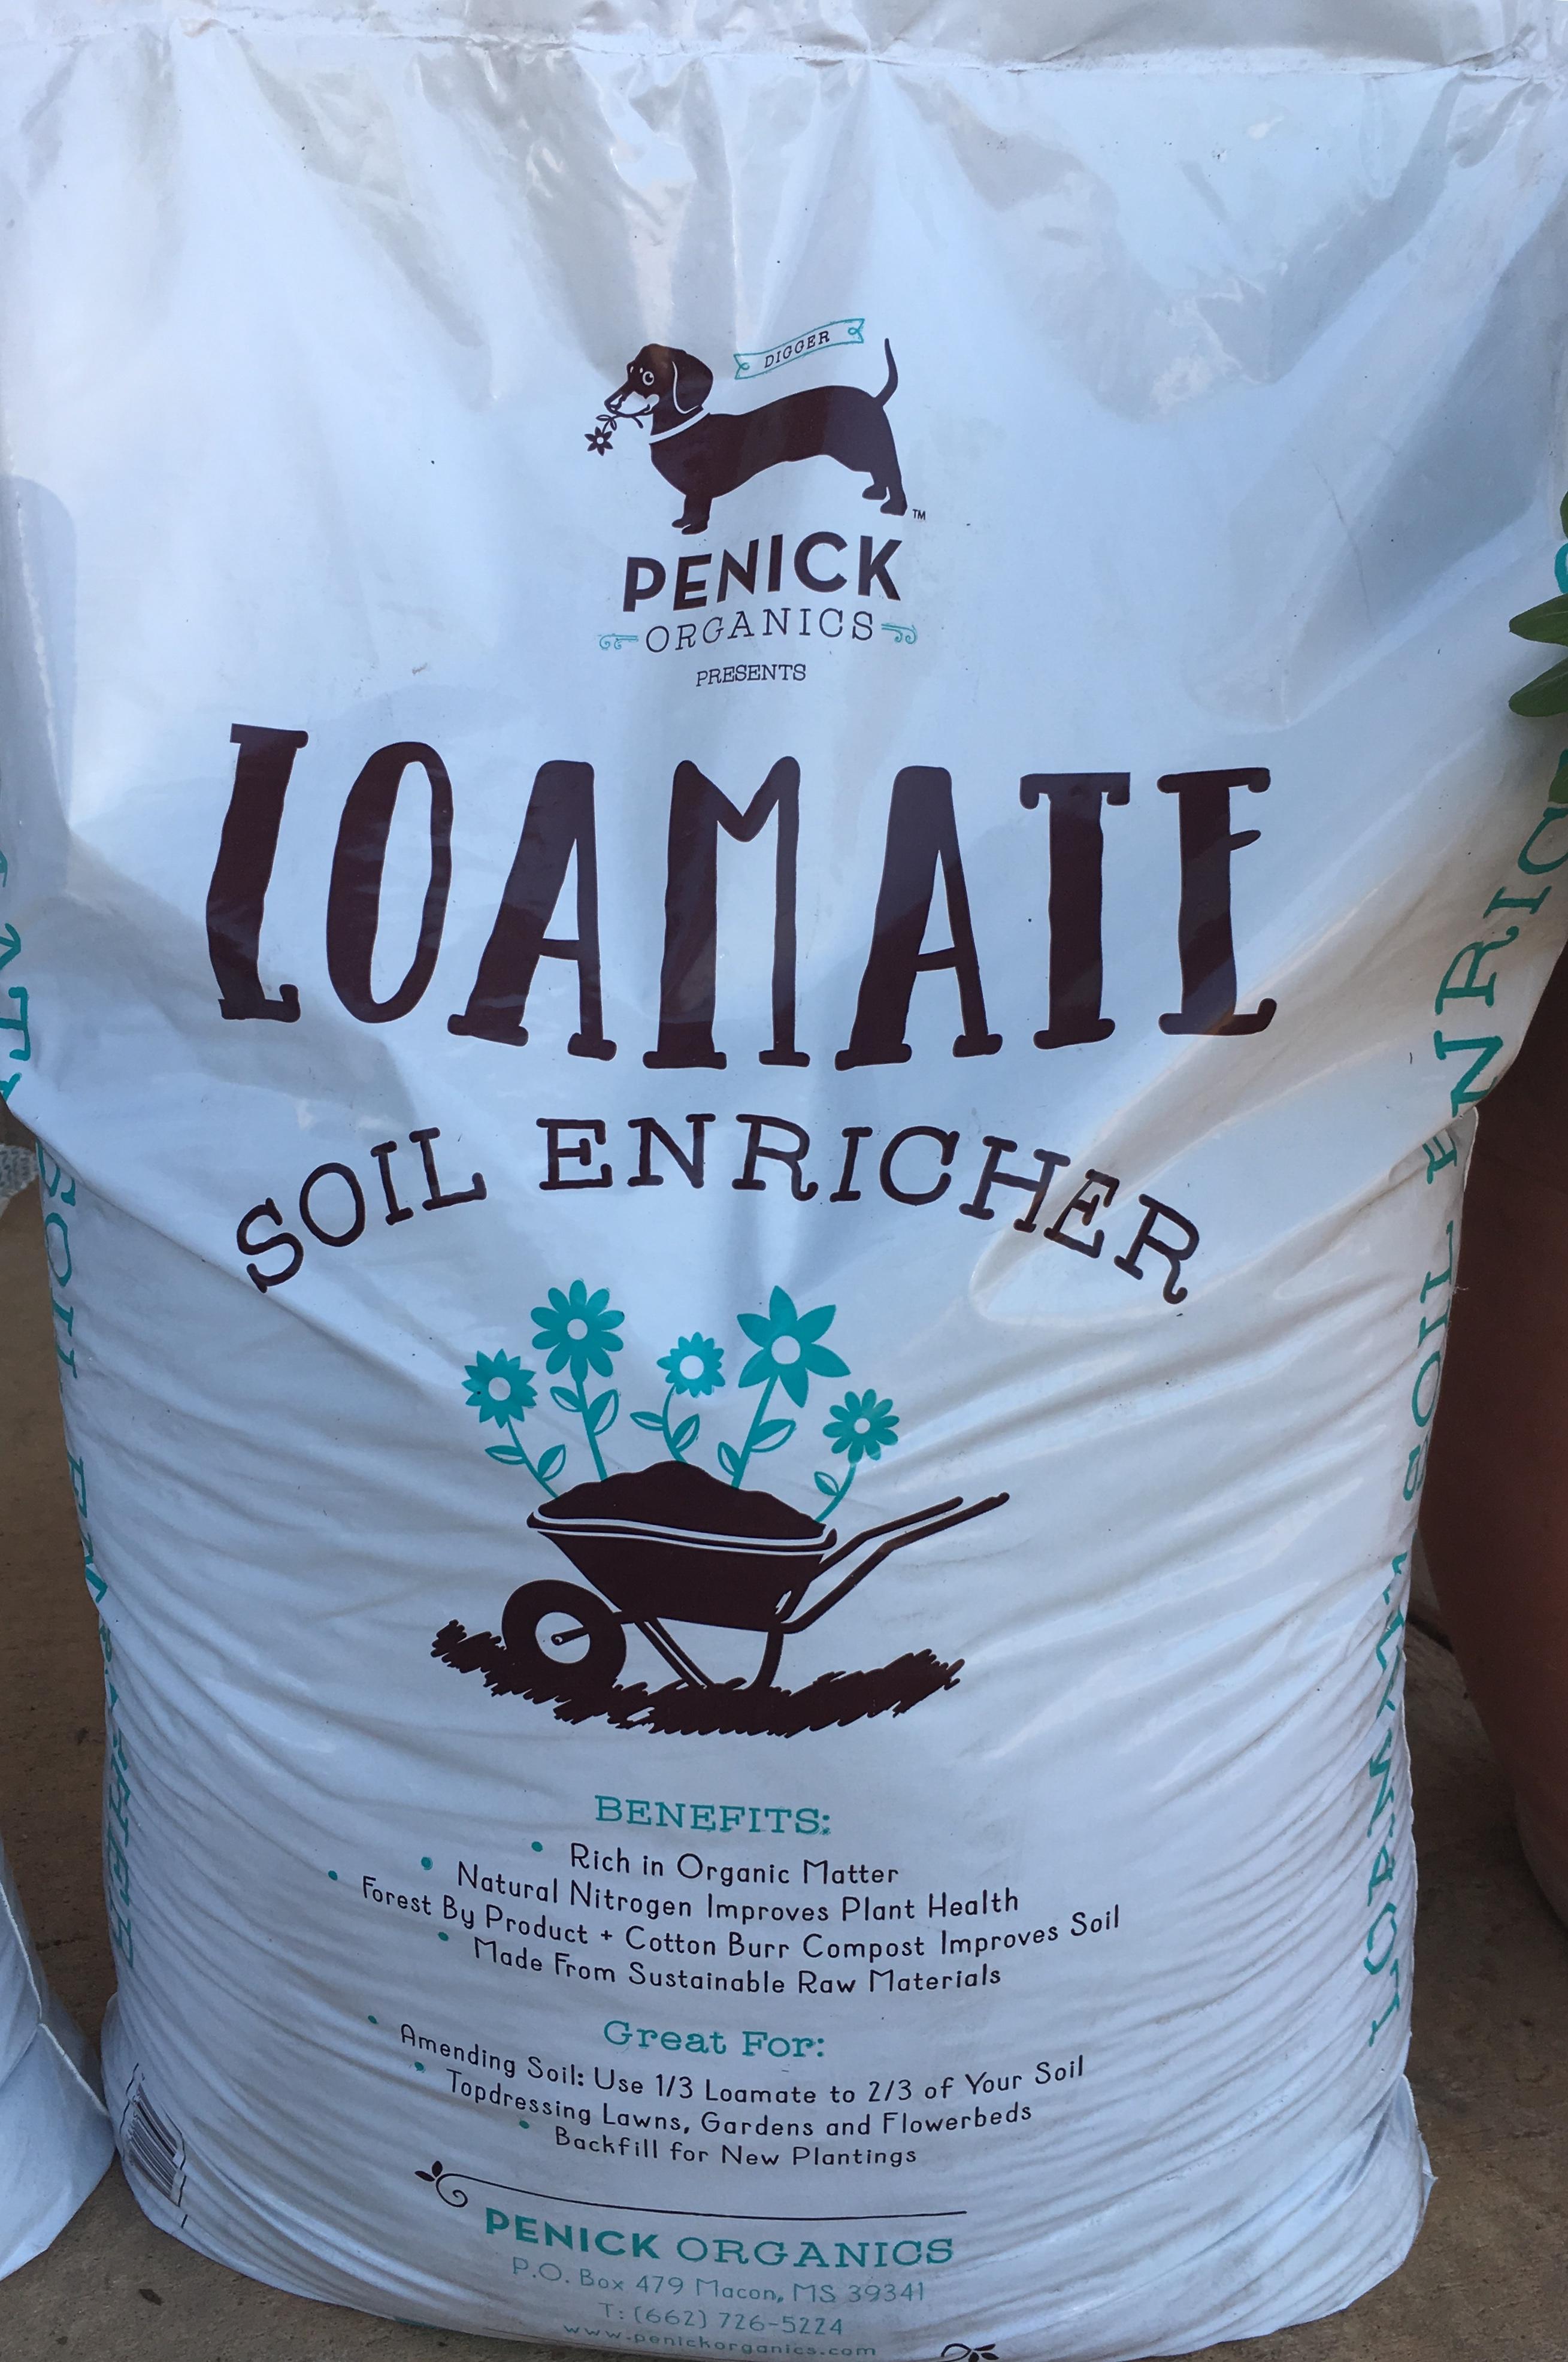 Loamate Soil Enricher